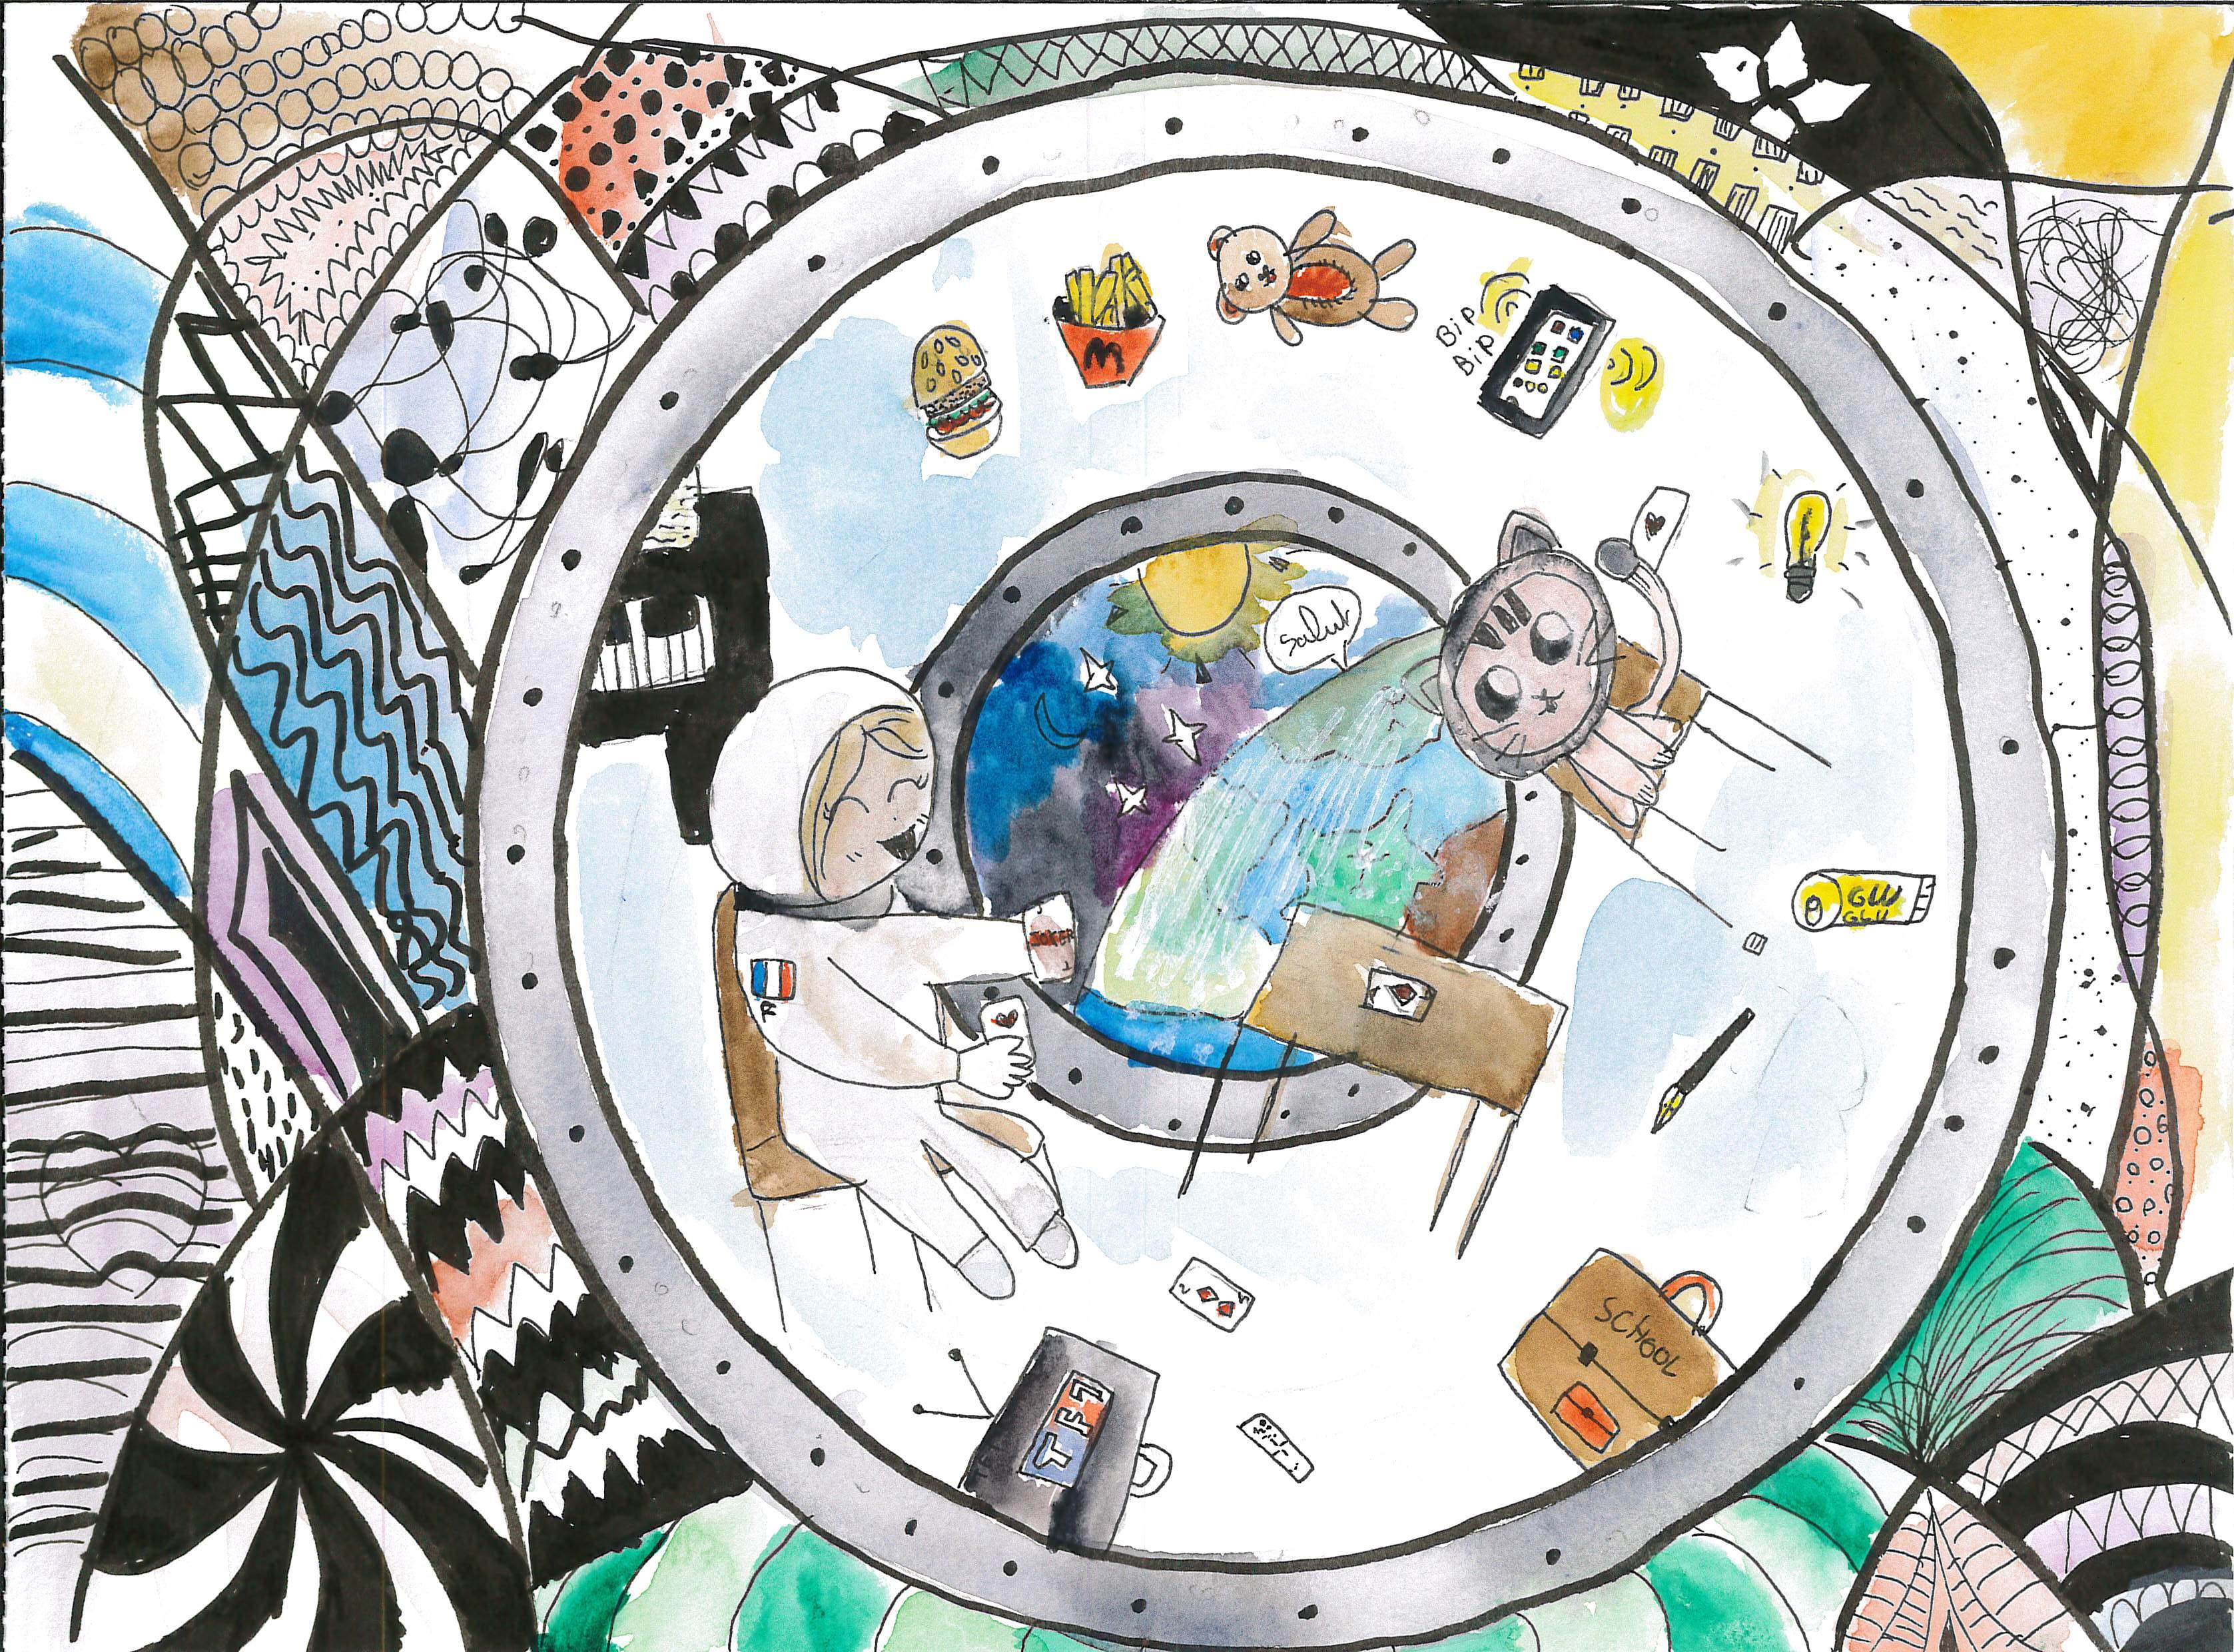 prx_imagine_ta_vie_dans_un_vaisseau_spatial_coup_de_coeur_3.jpg